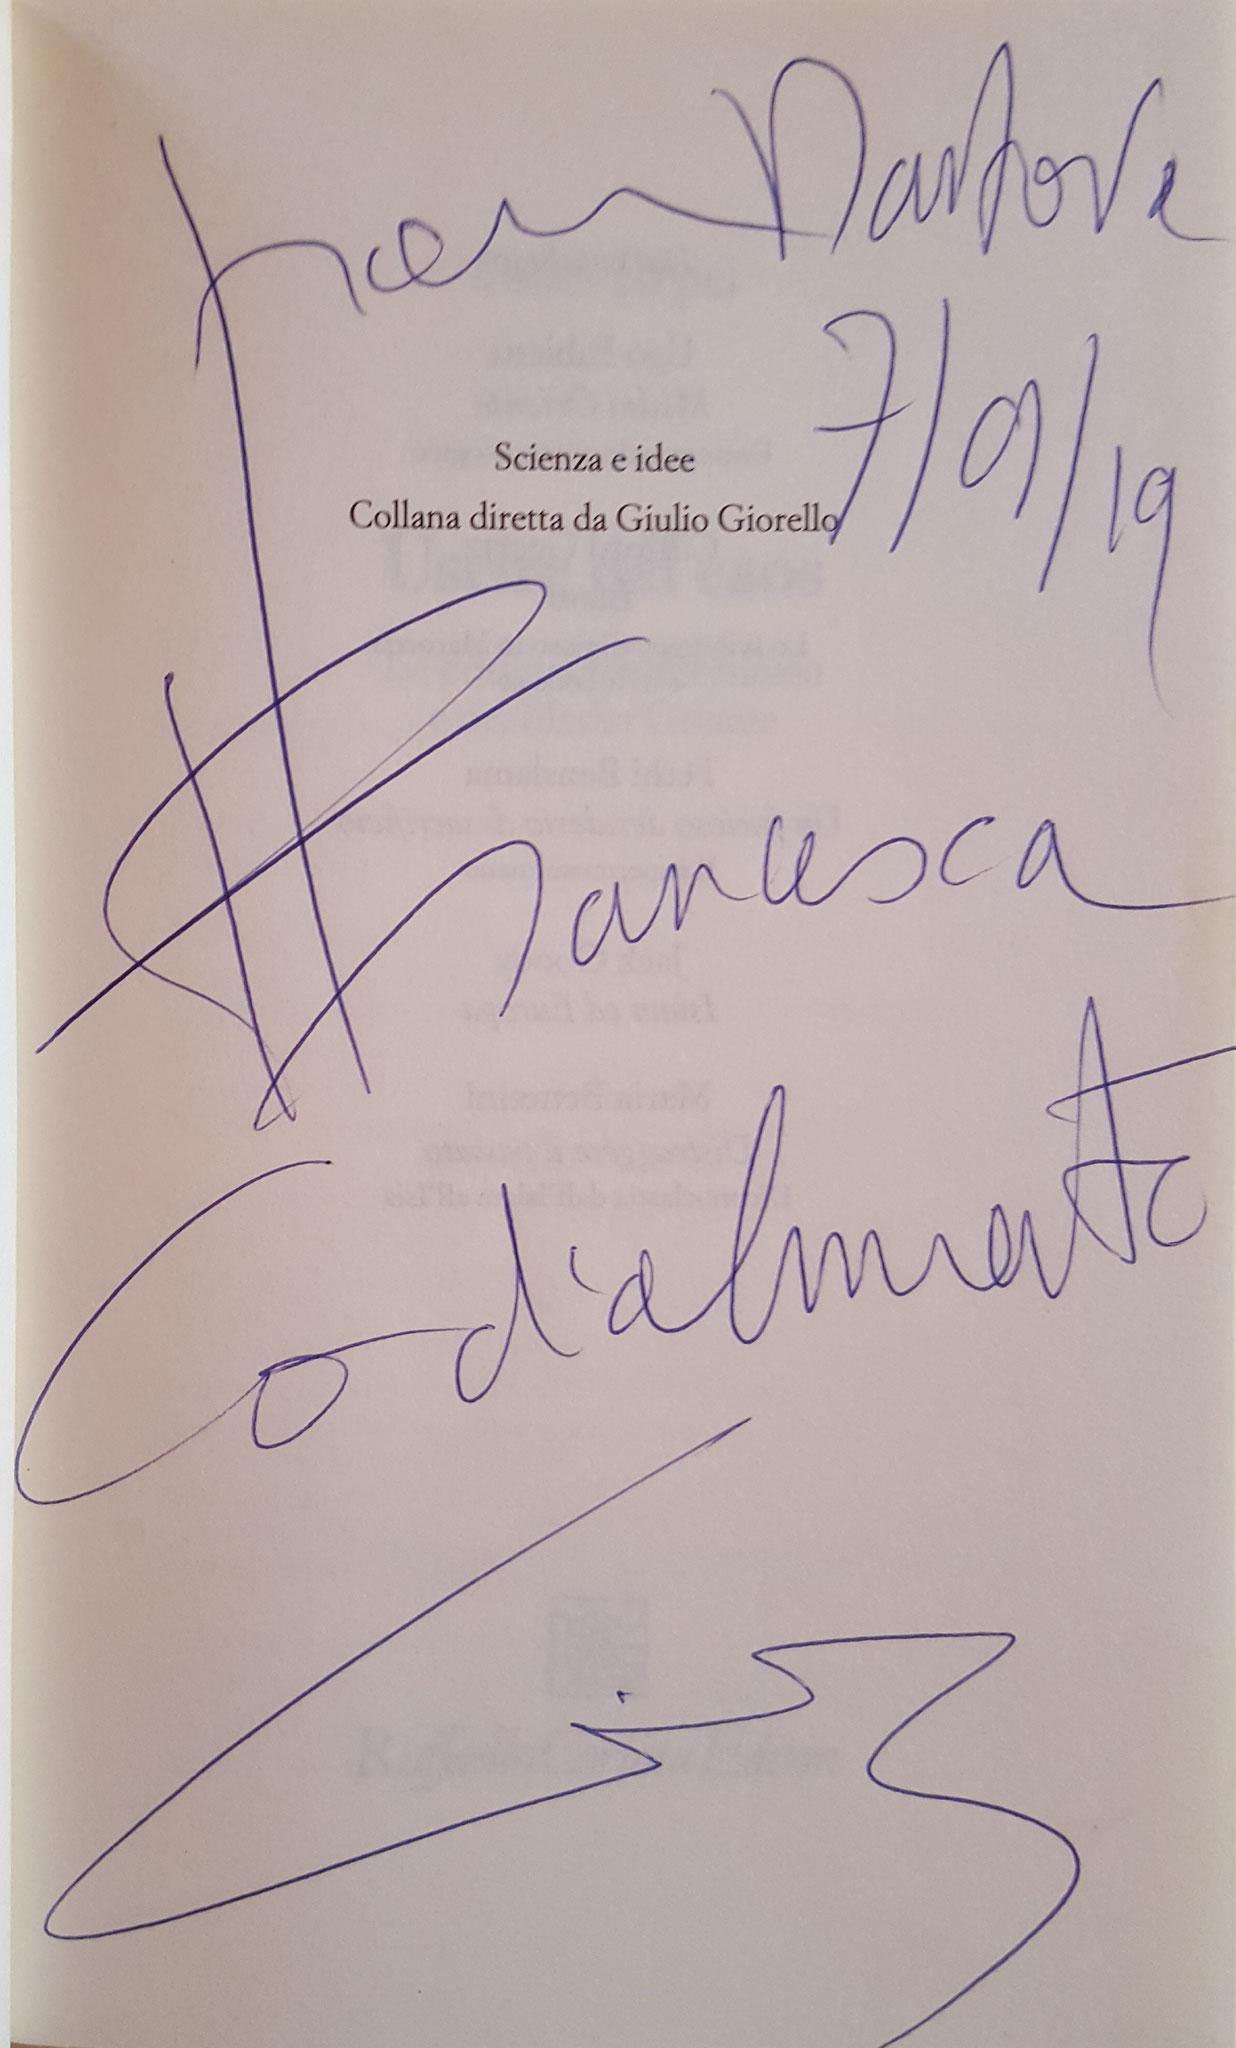 Autografo dell'autore